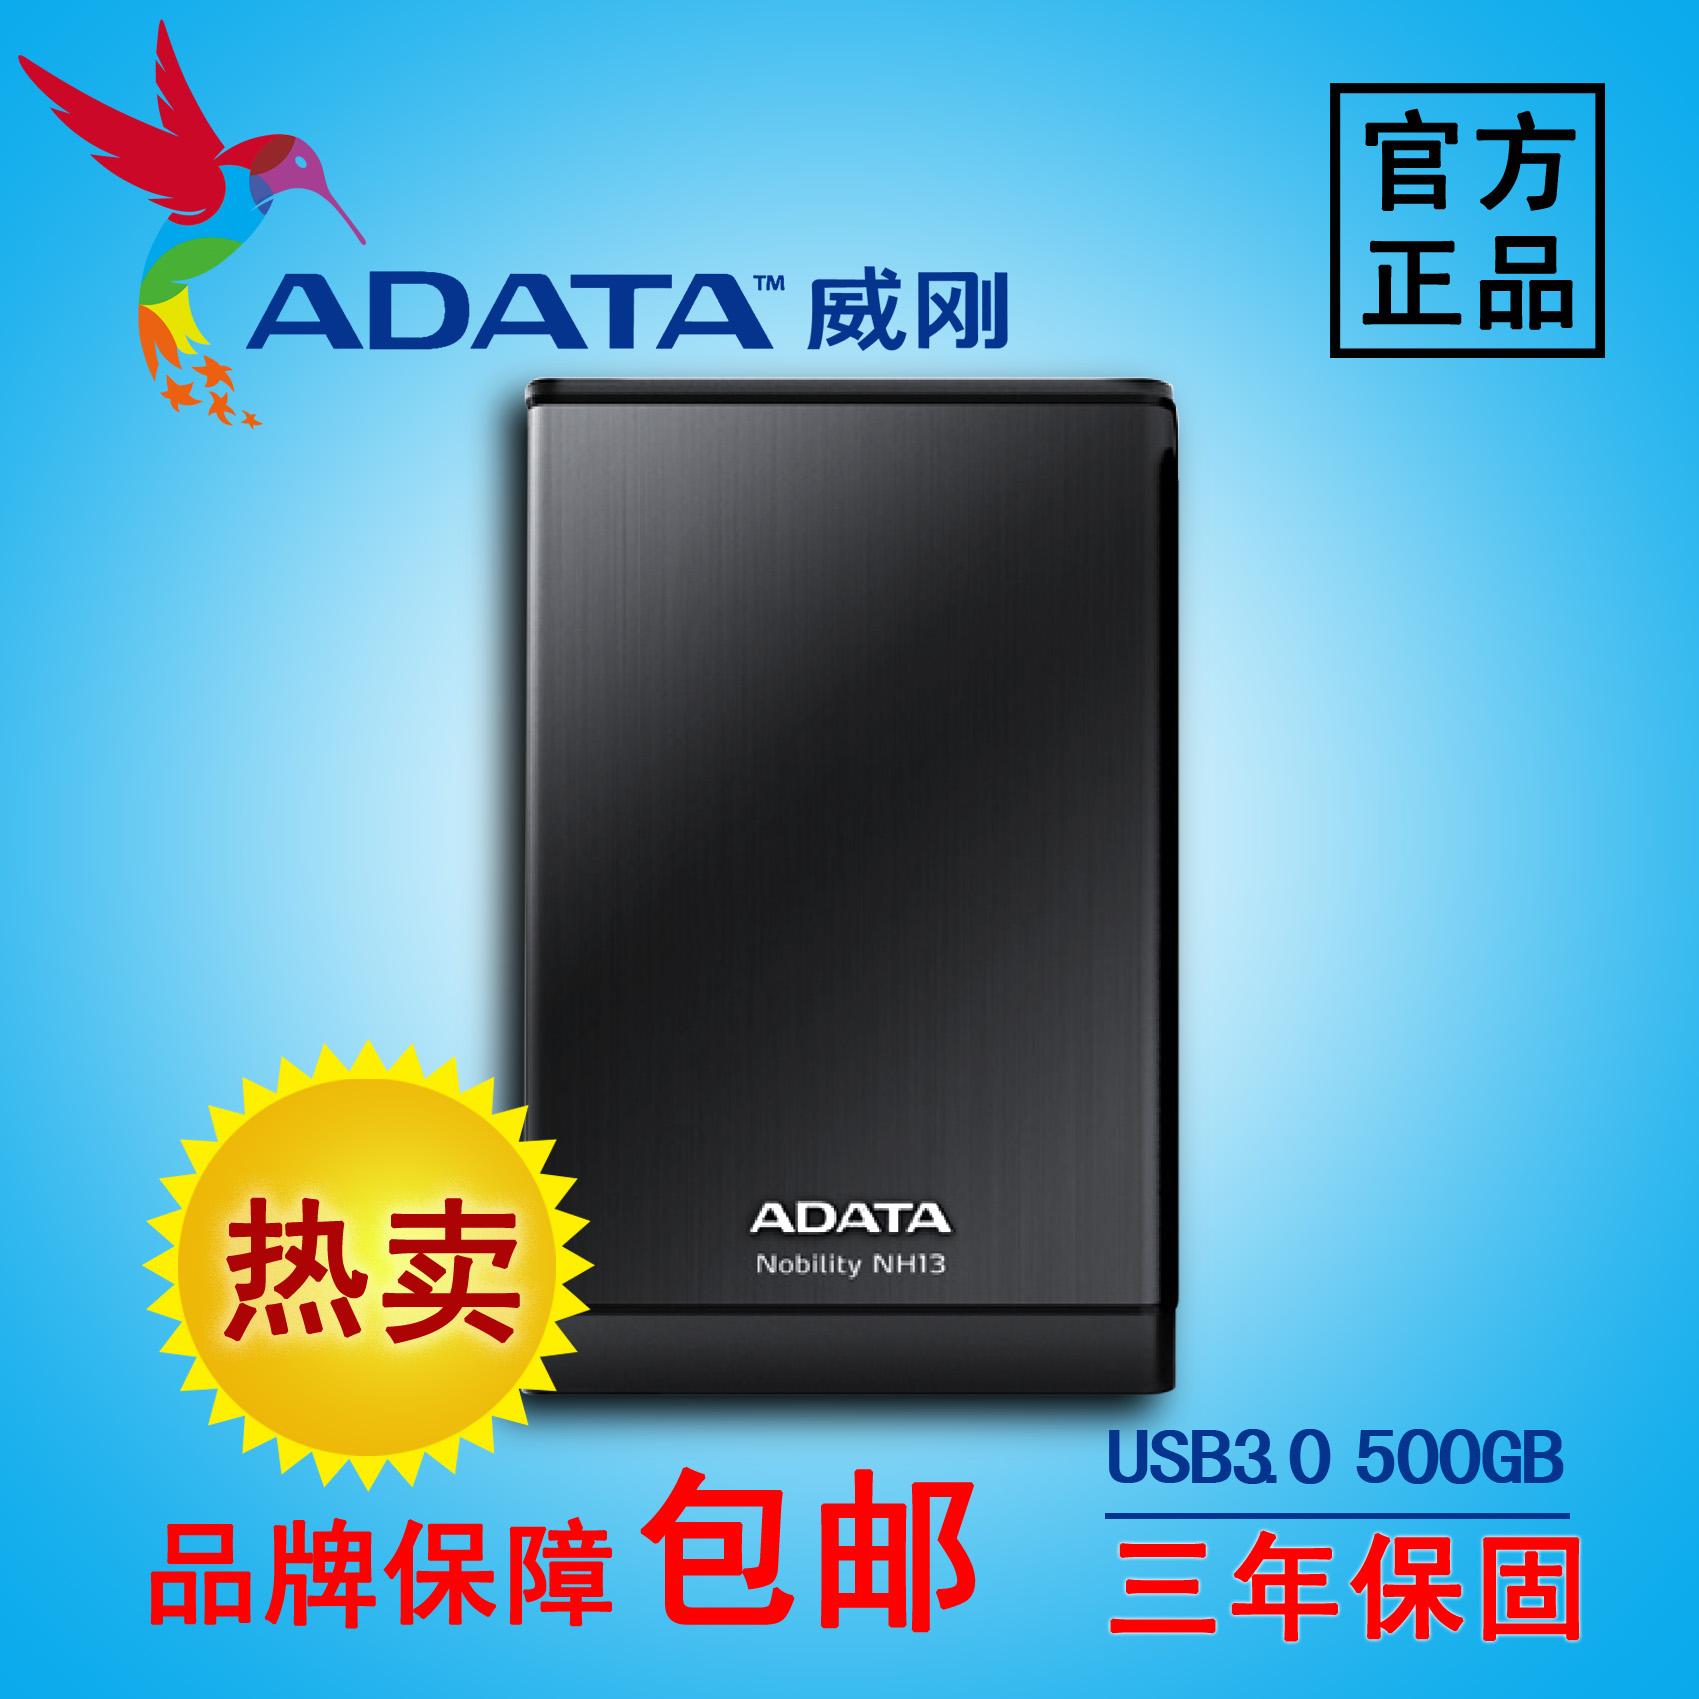 Съемный жесткий диск AData NH13 500G USB 3.0 500 Гб USB 3.0